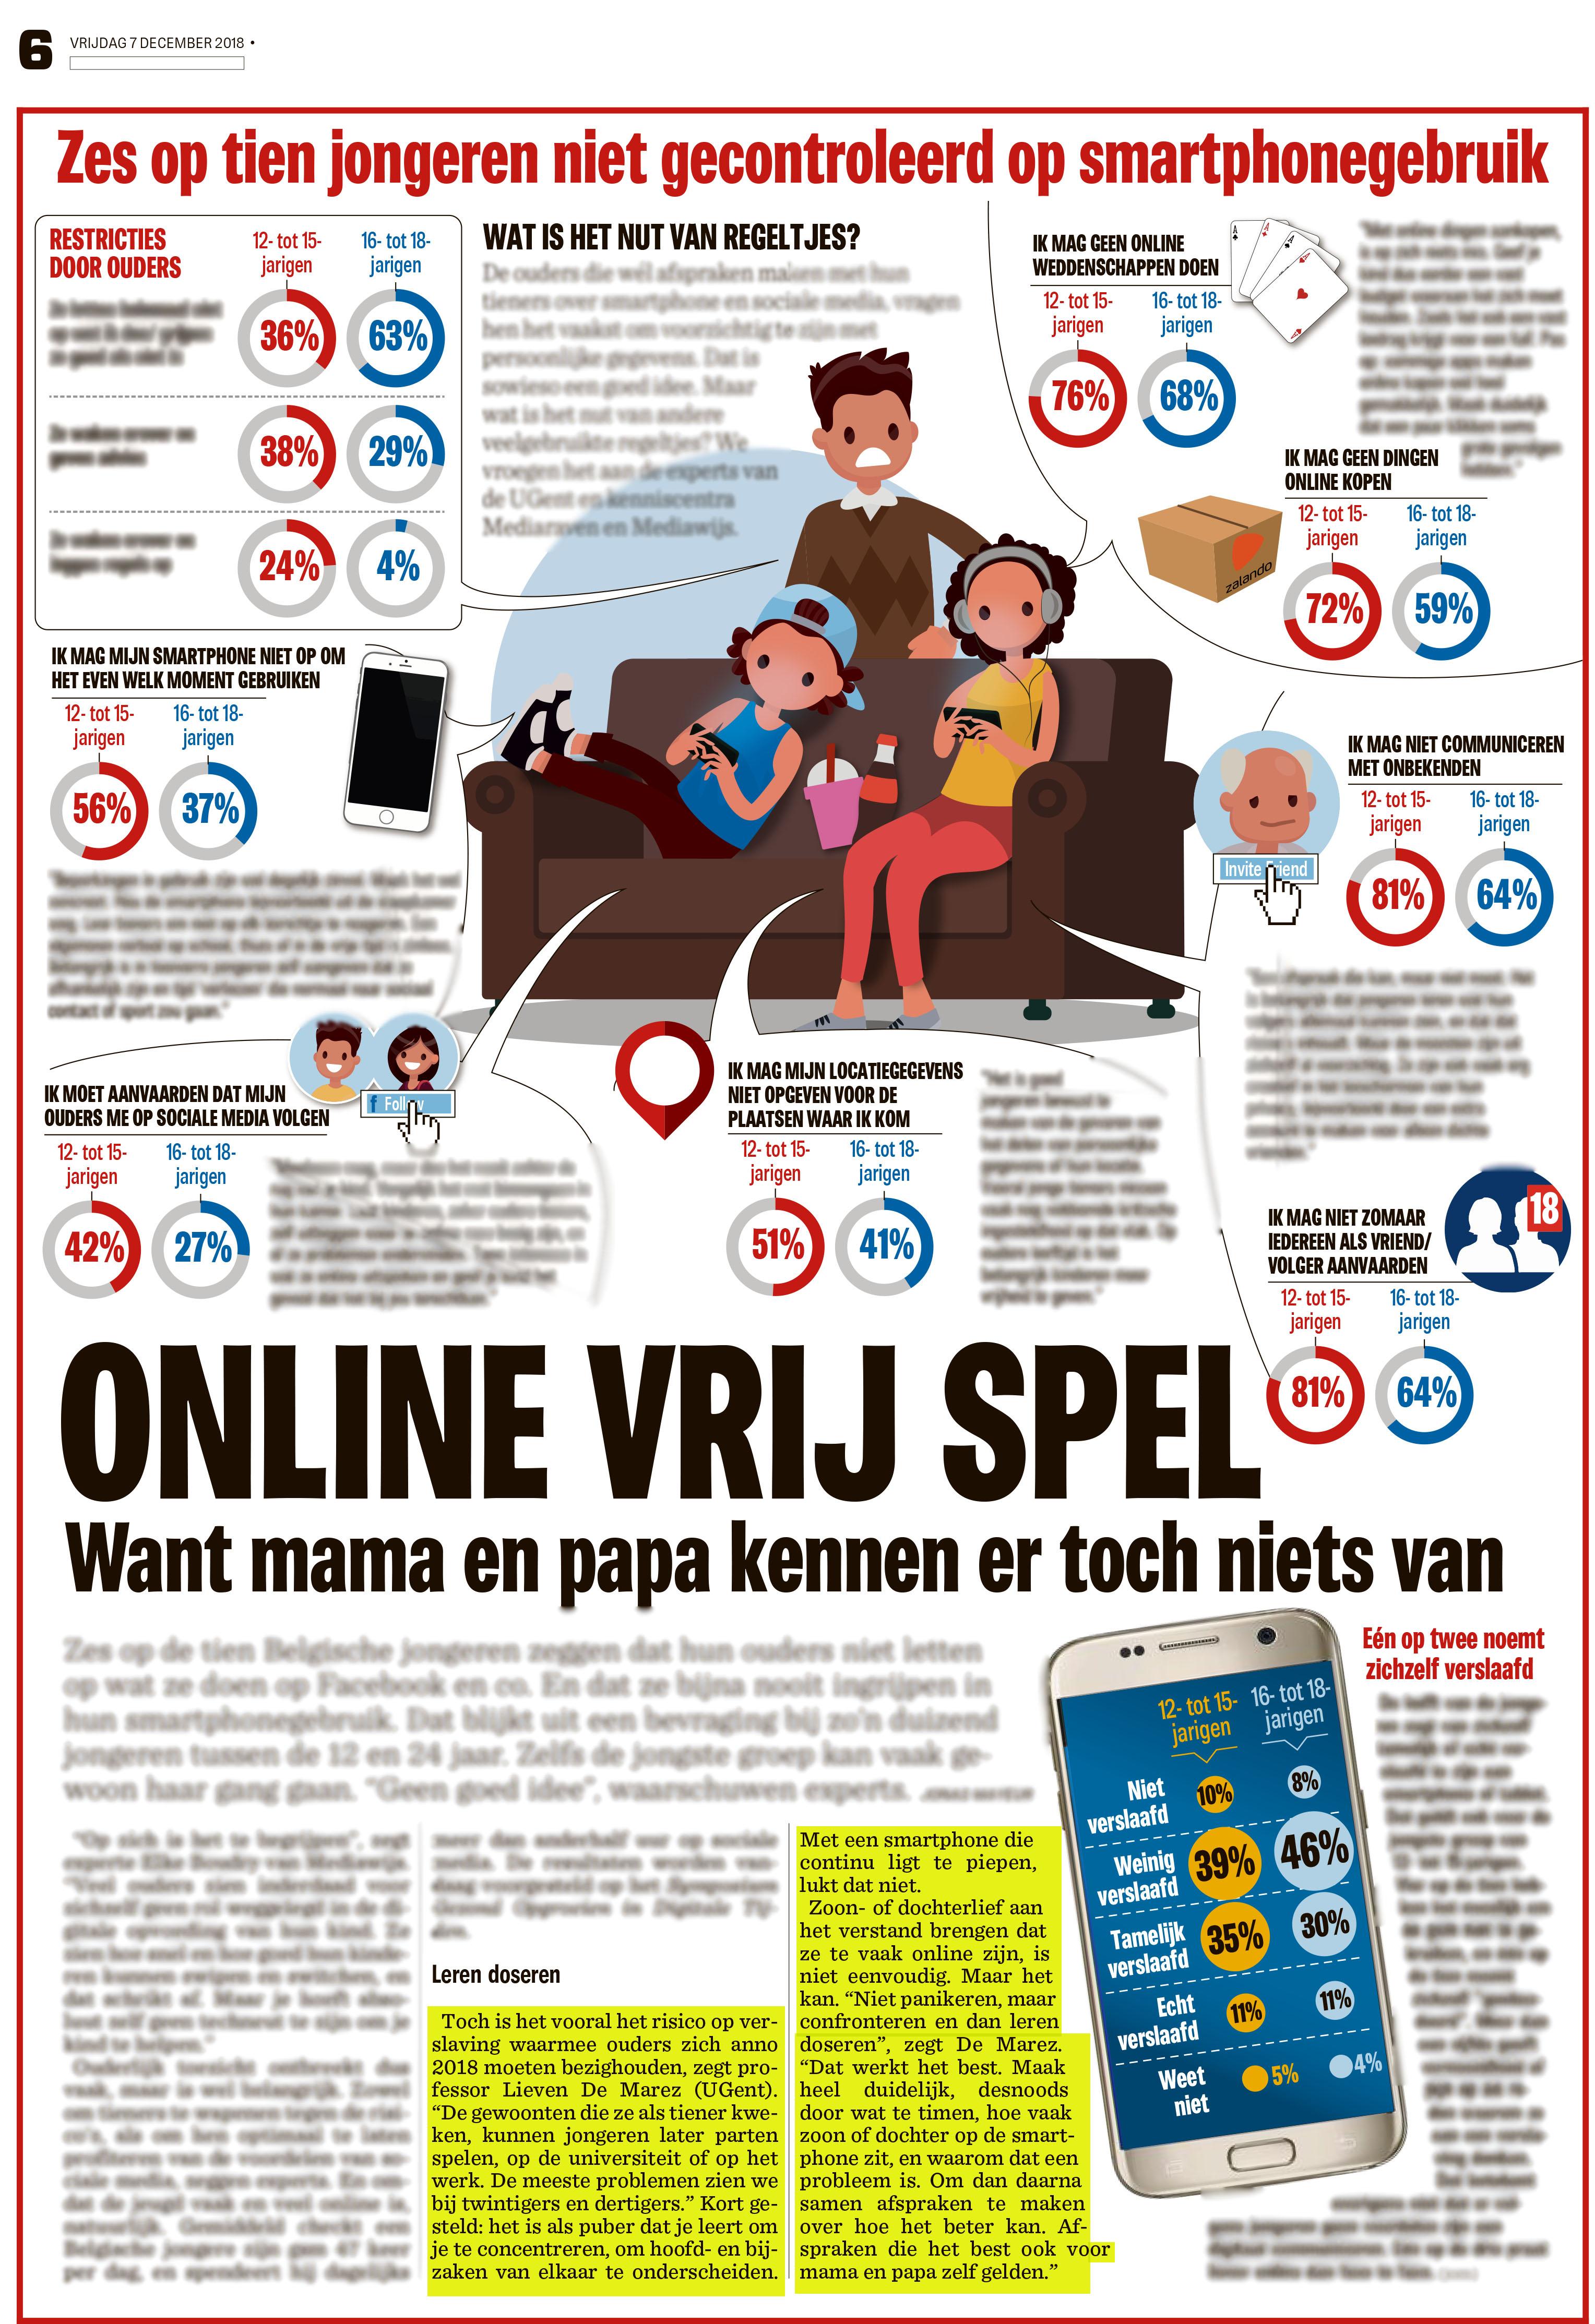 BRON: Het Nieuwsblad, 07/12/2018, p. 6